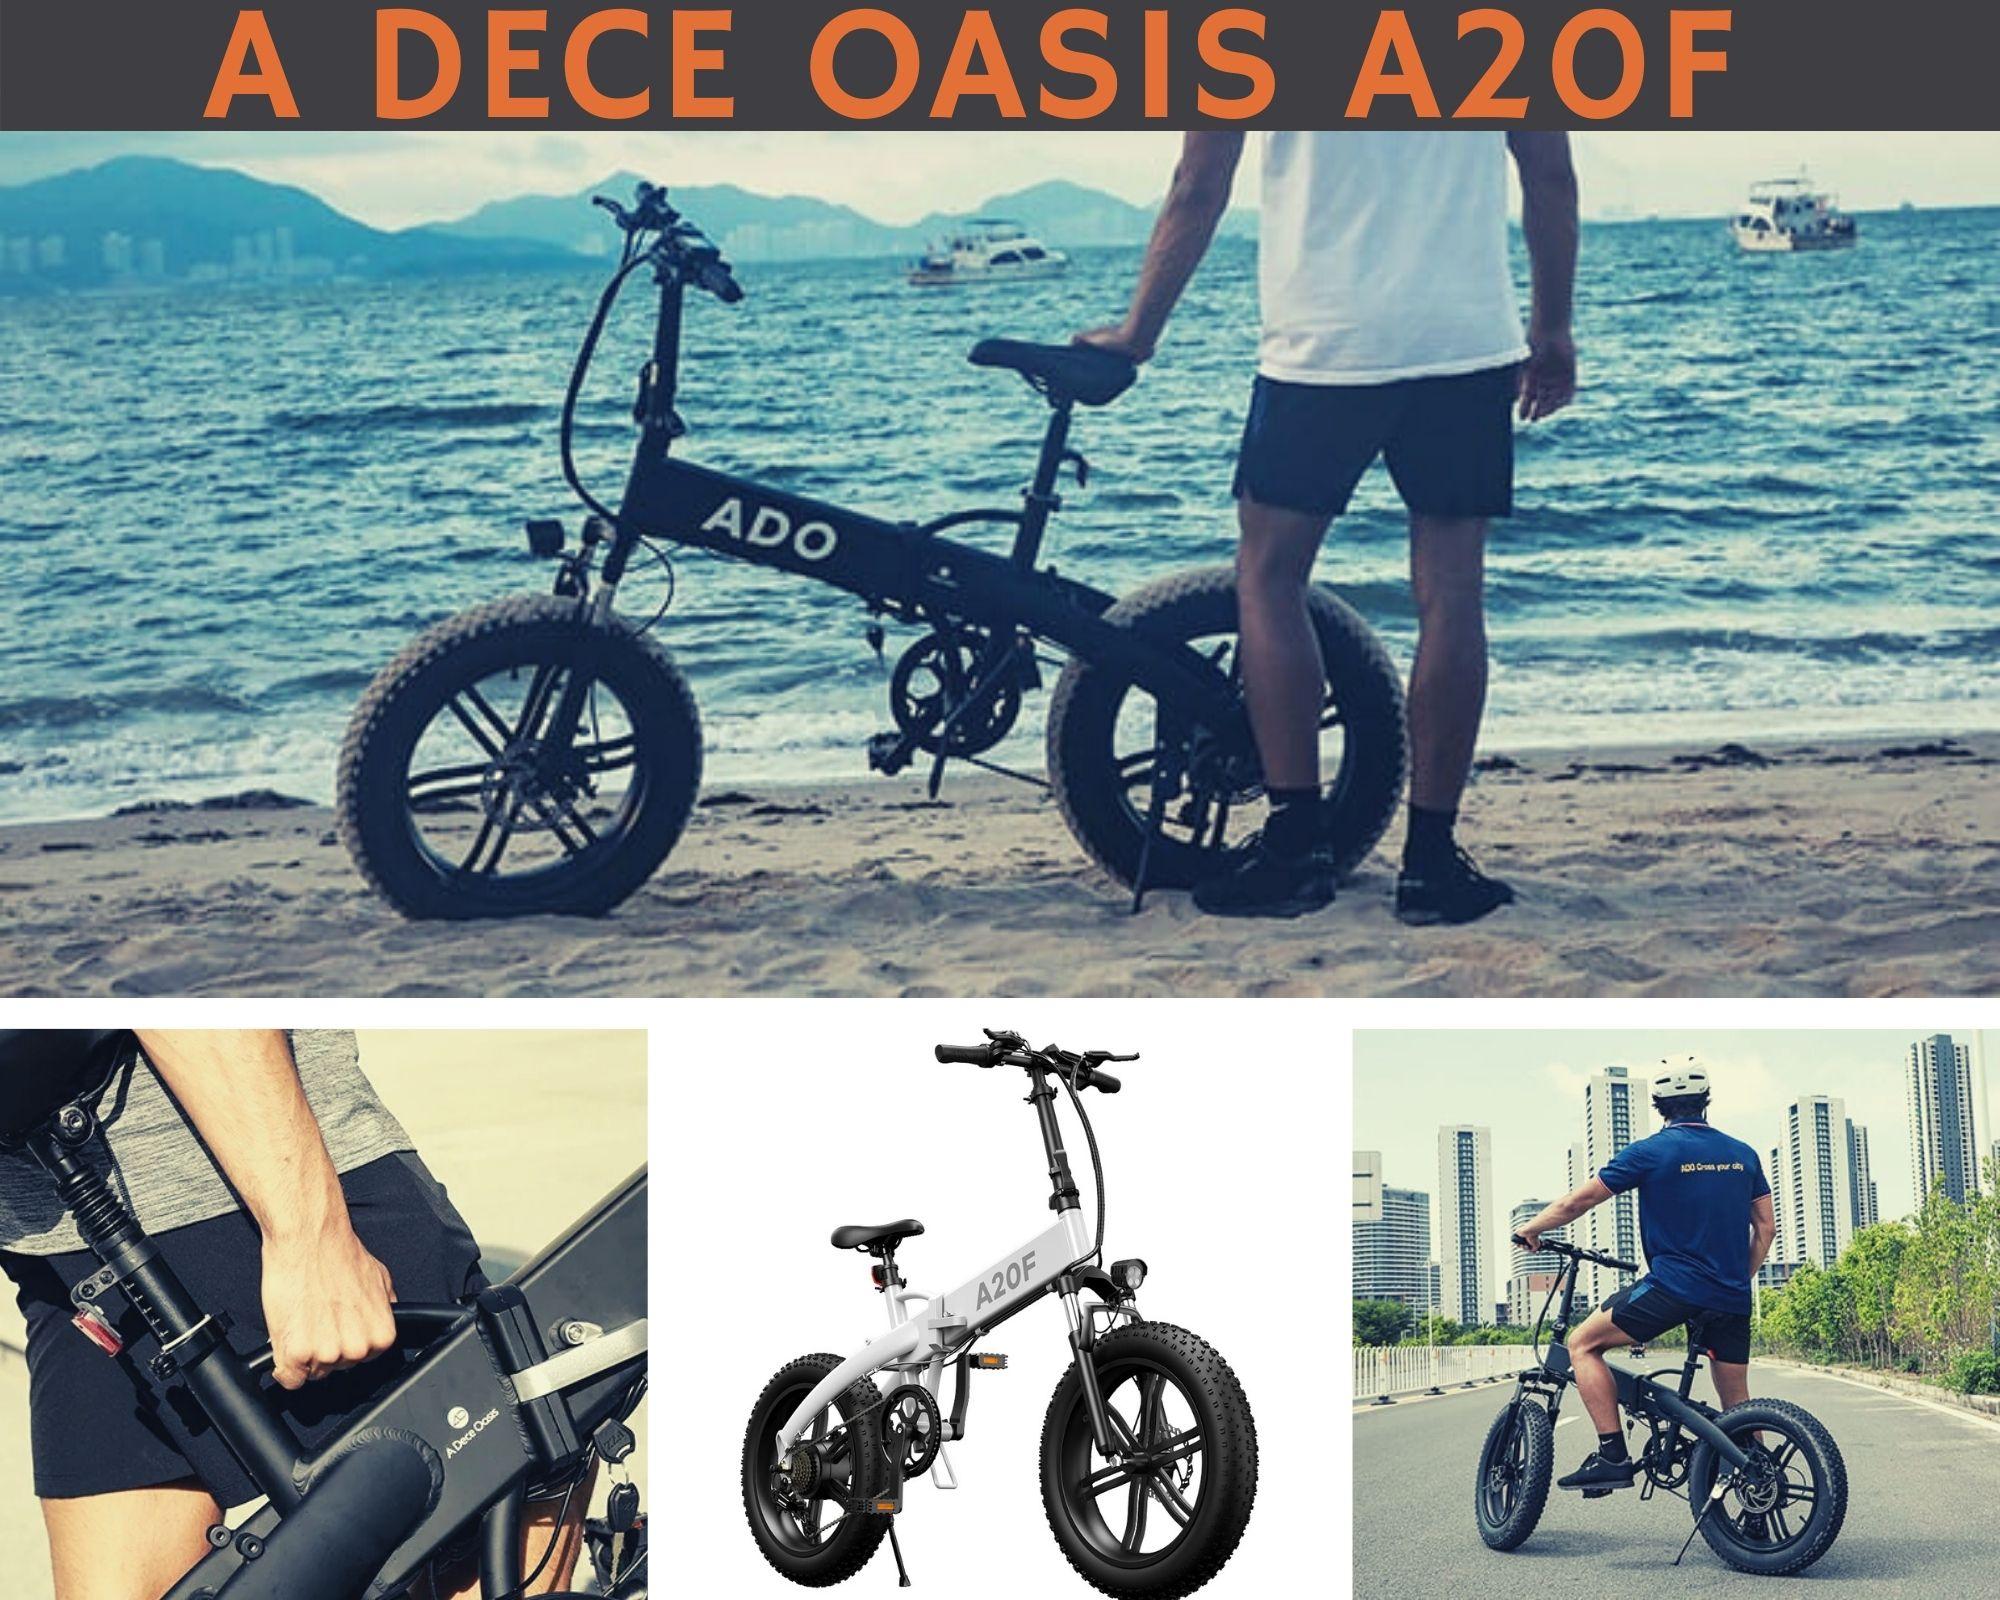 A Dece Oasis A20F, la bicicleta Electrica de Ruedas Gordas que tienes que conocer antes de comprarte una